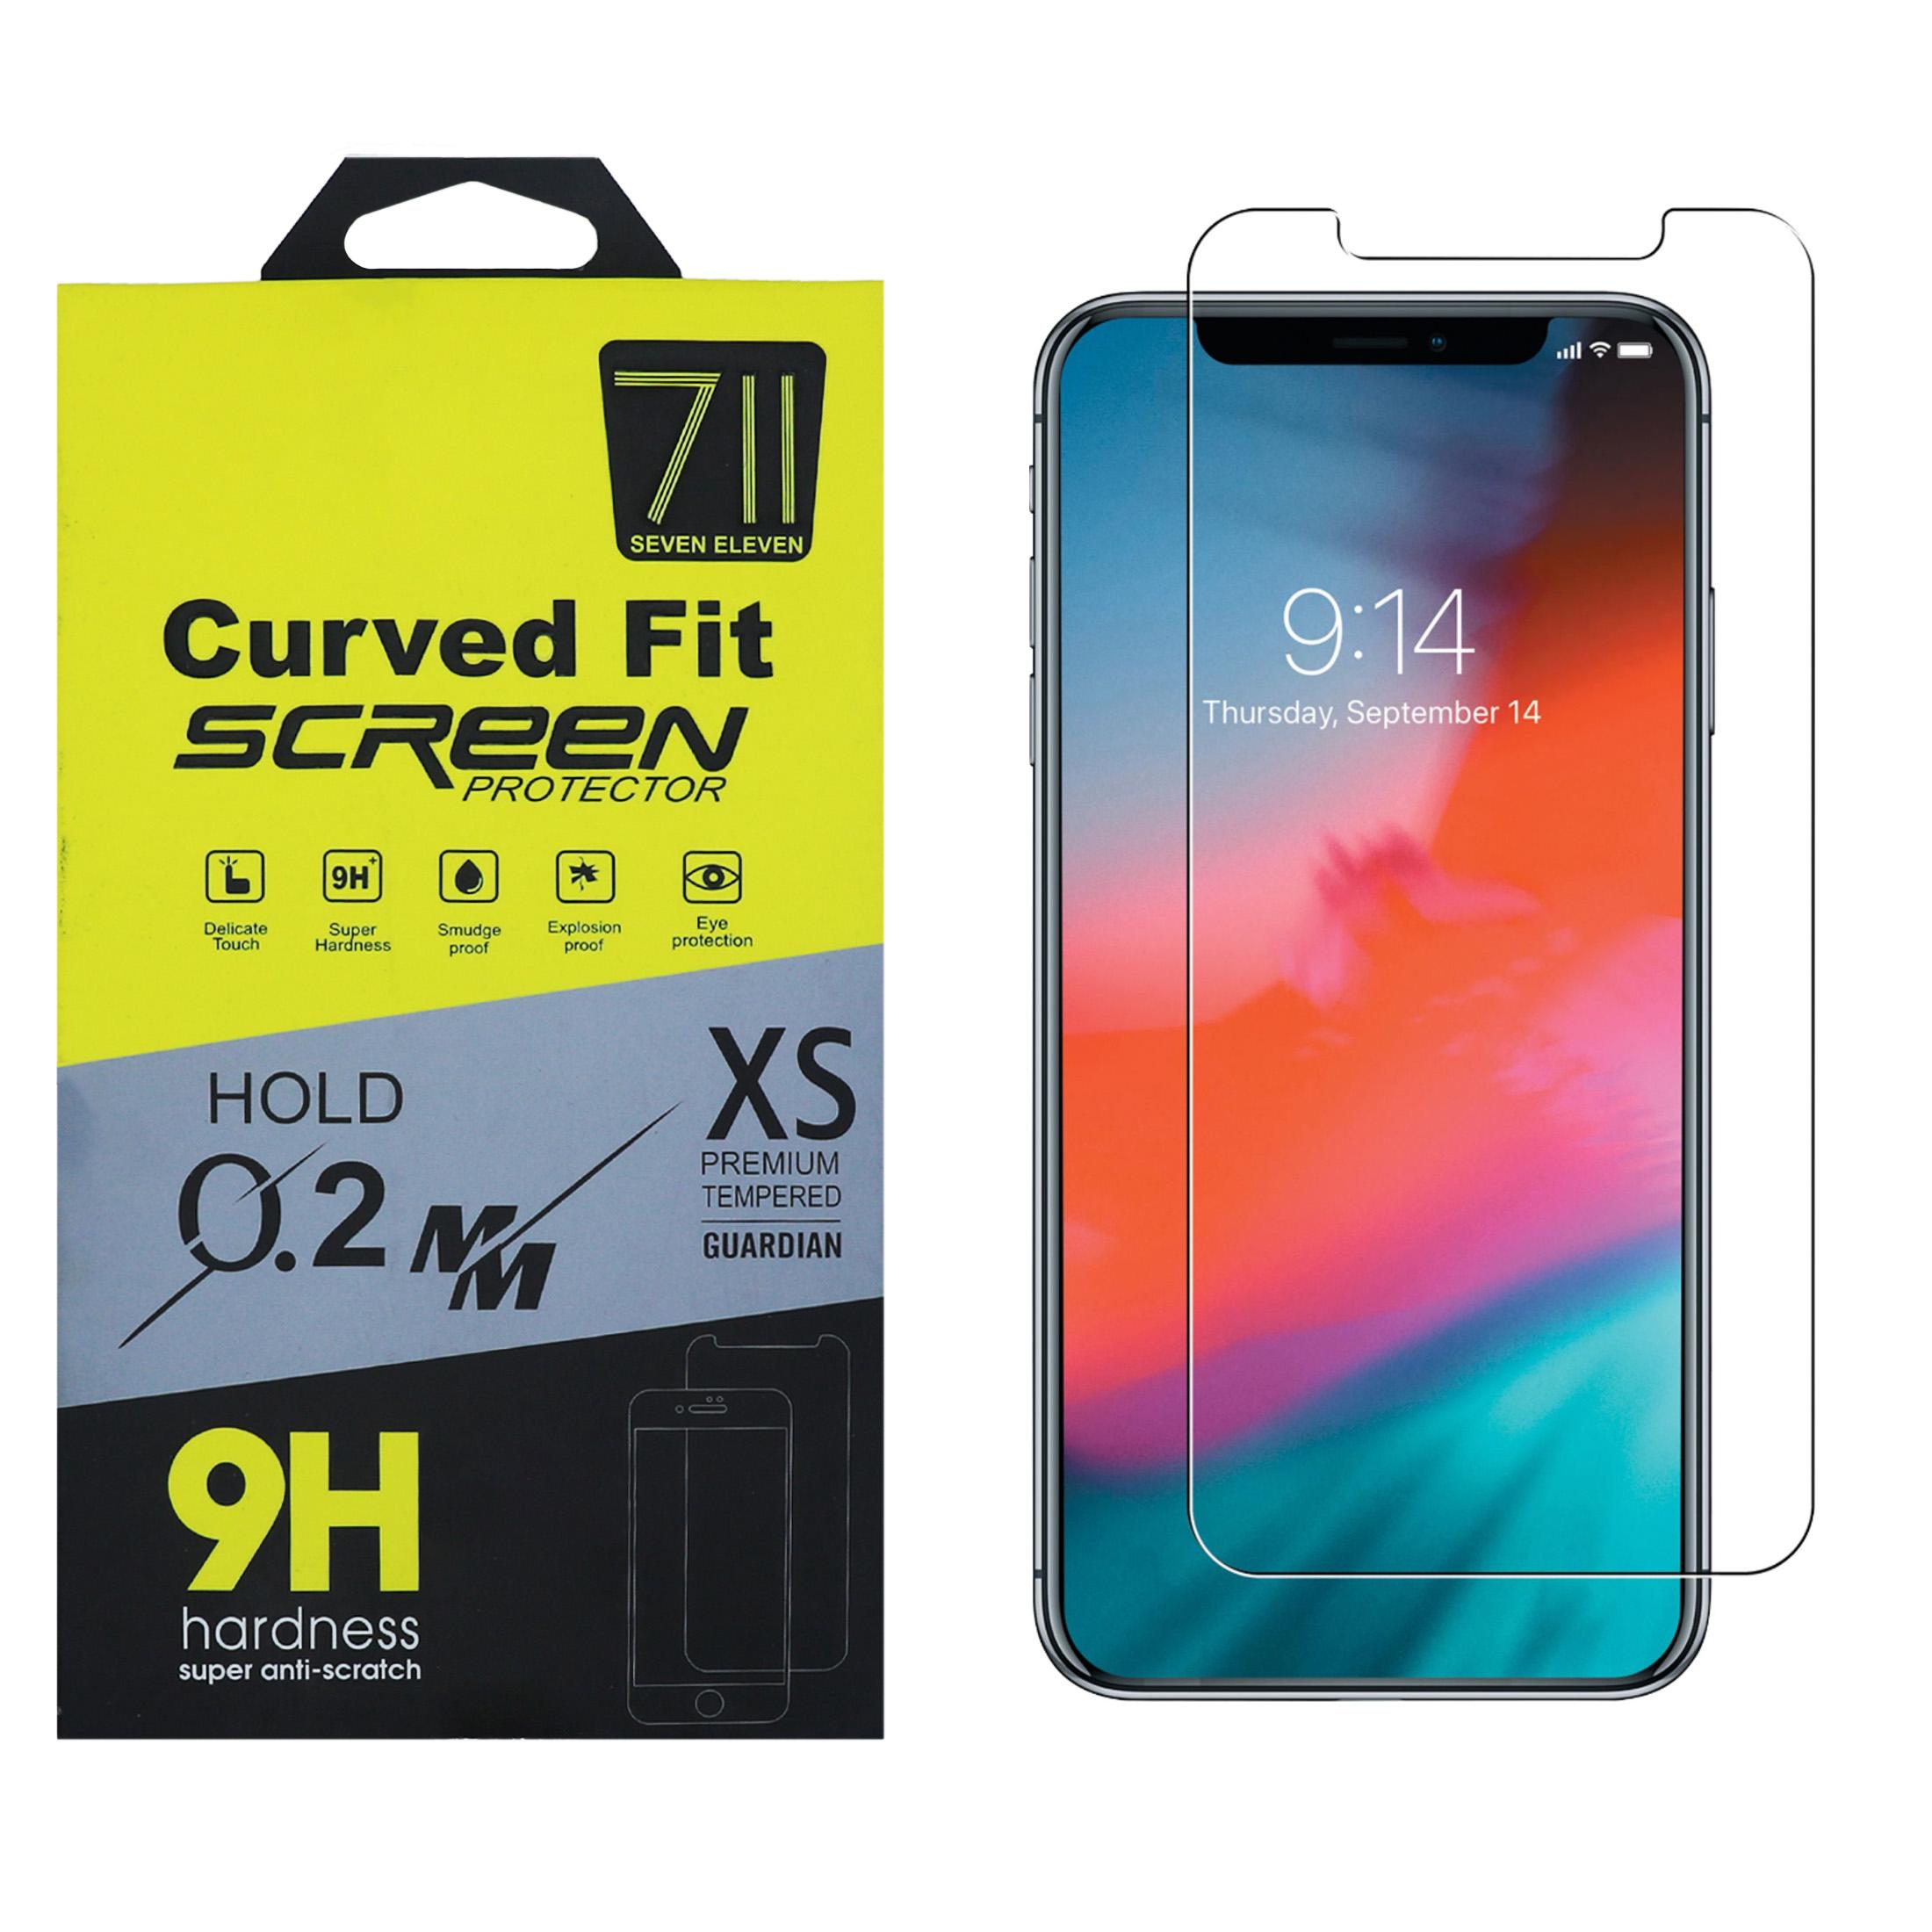 محافظ صفحه نمایش سون الون مدل Tmp مناسب برای گوشی موبایل اپل Iphone Xs Max